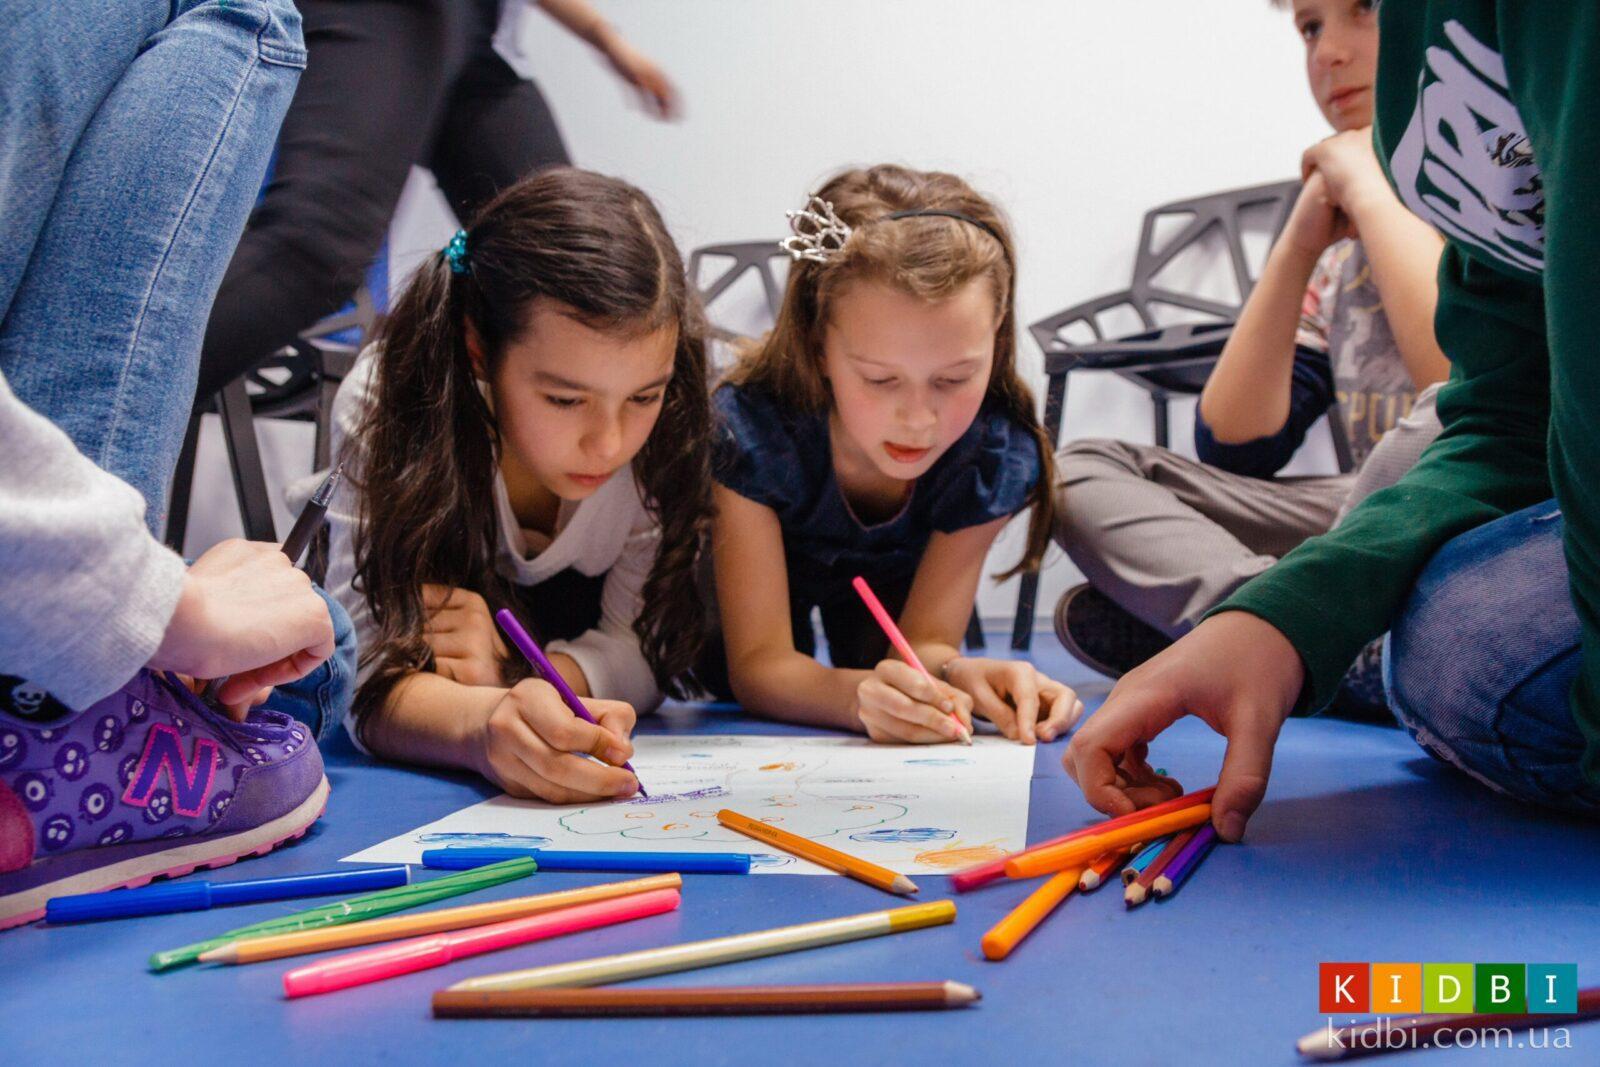 Курс лідерства та бізнесу для дітей 8-12 років